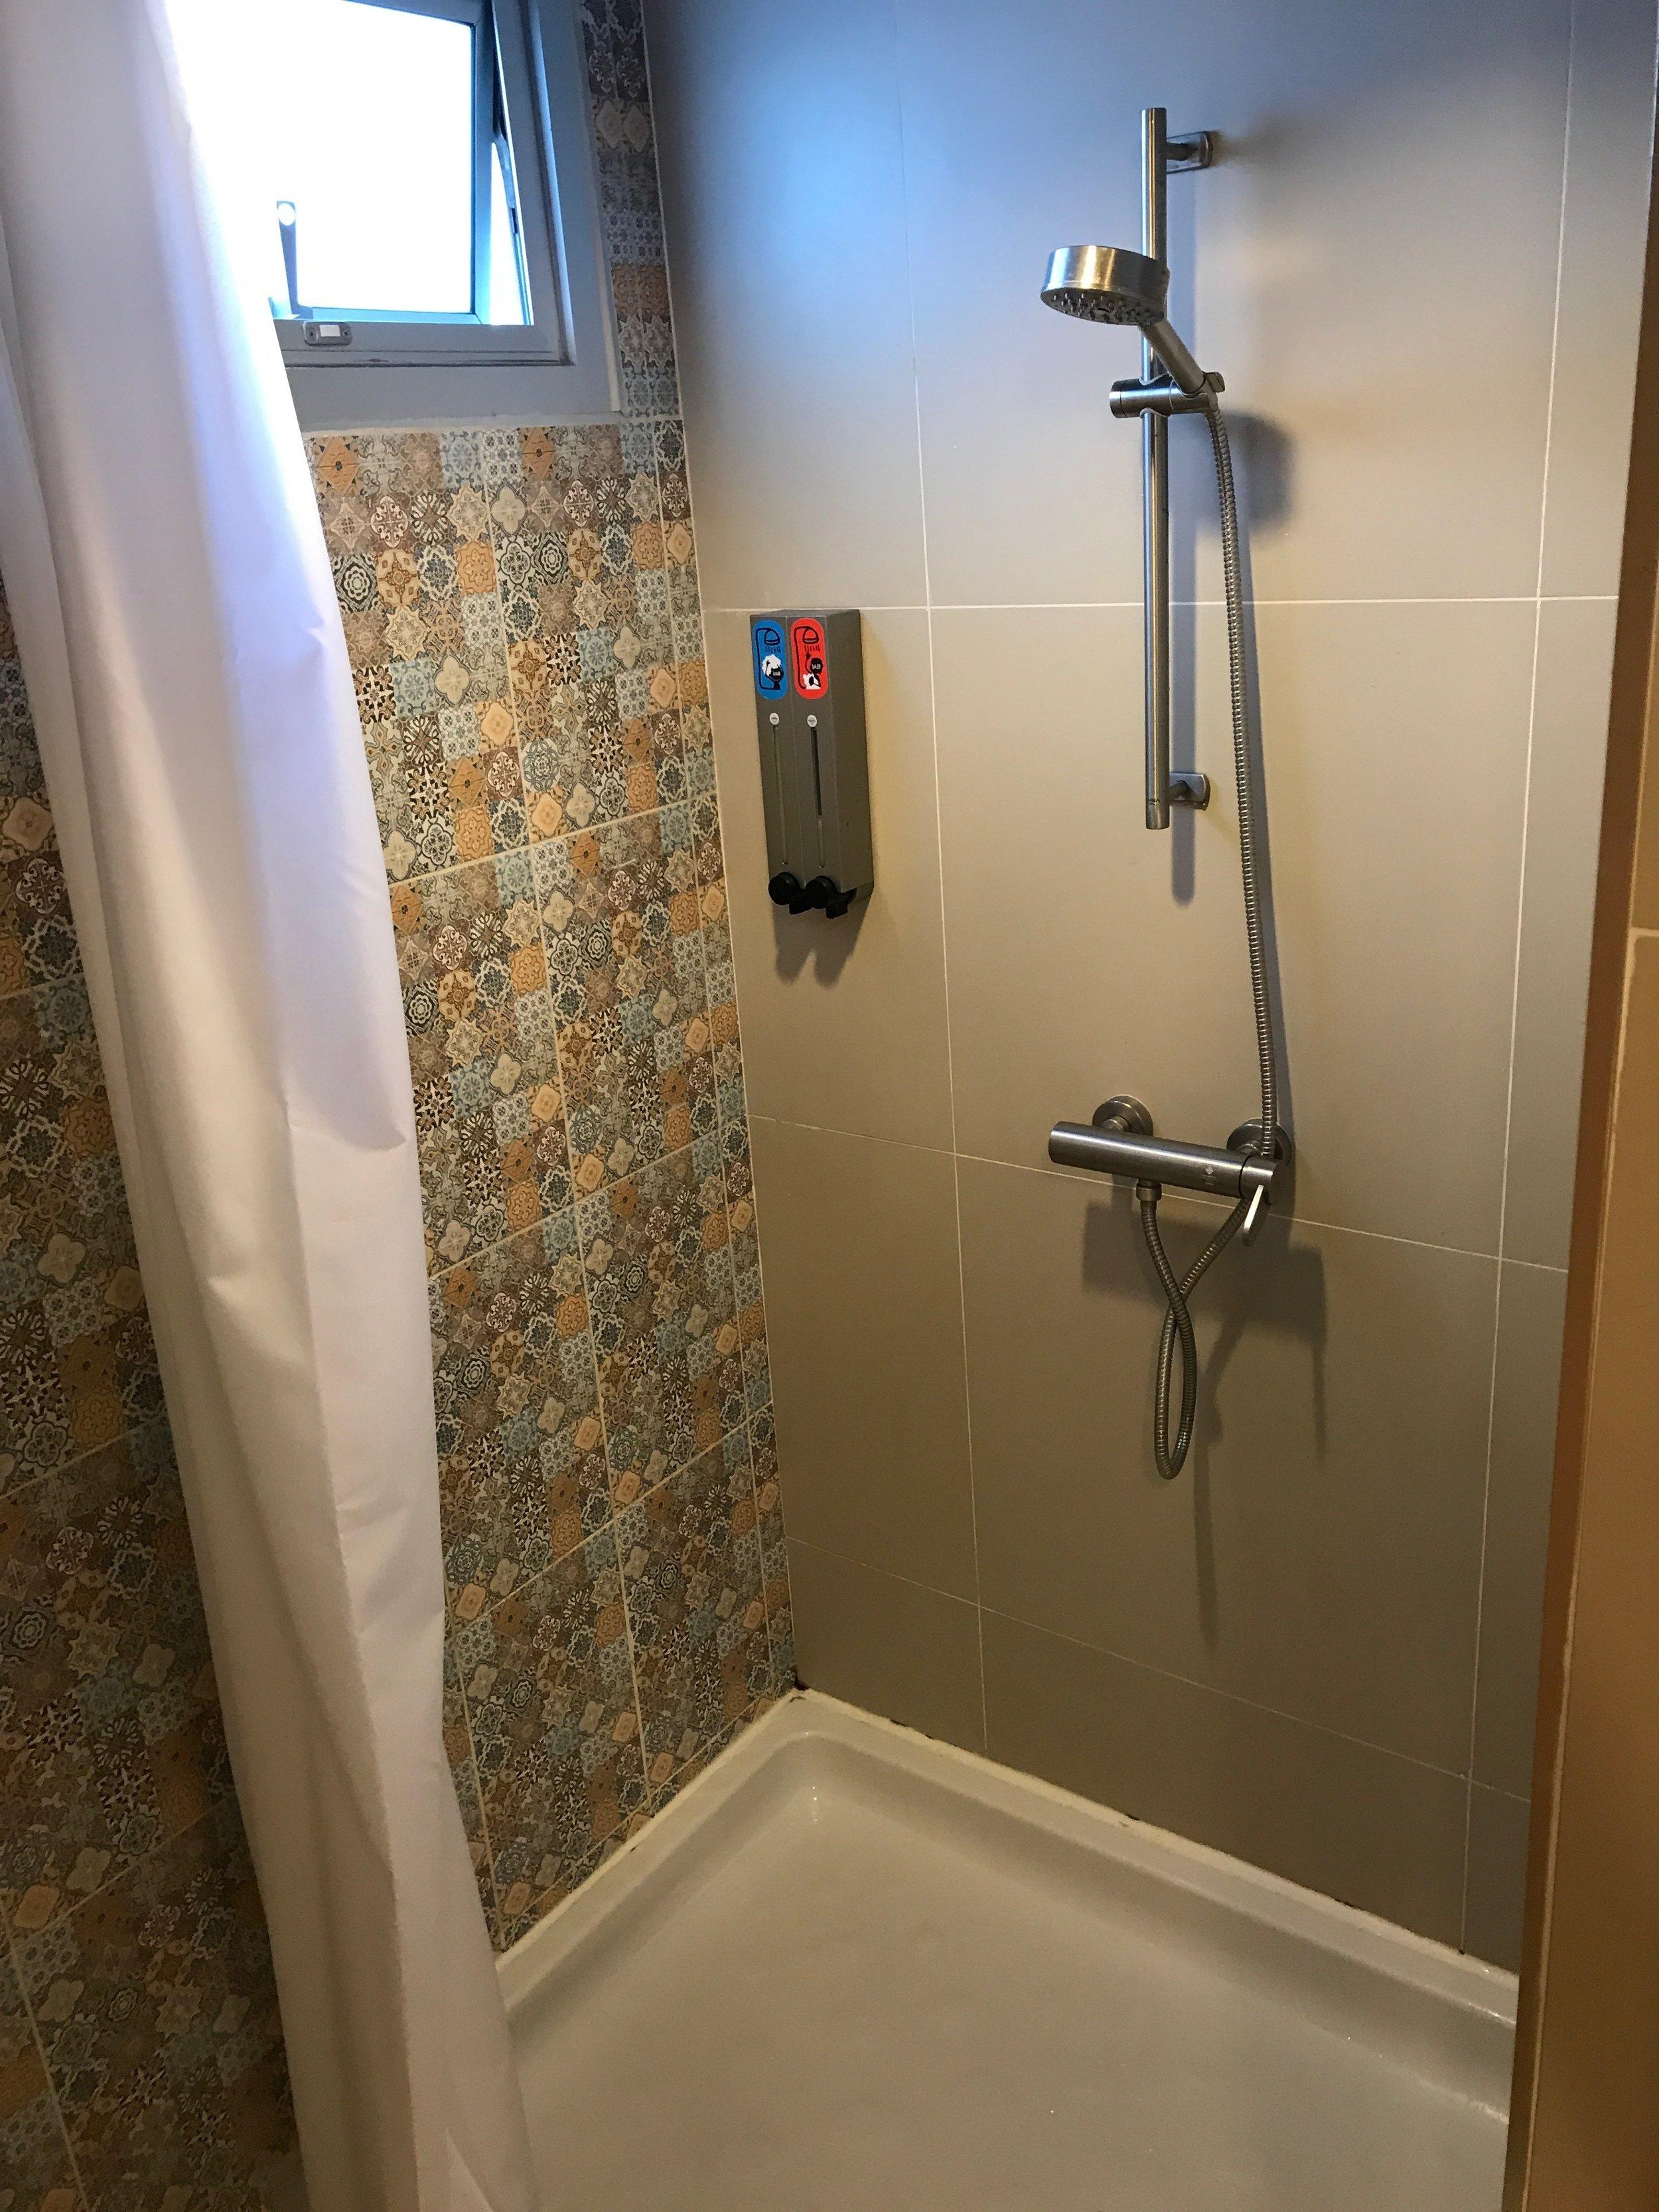 hostel bath 2.JPG